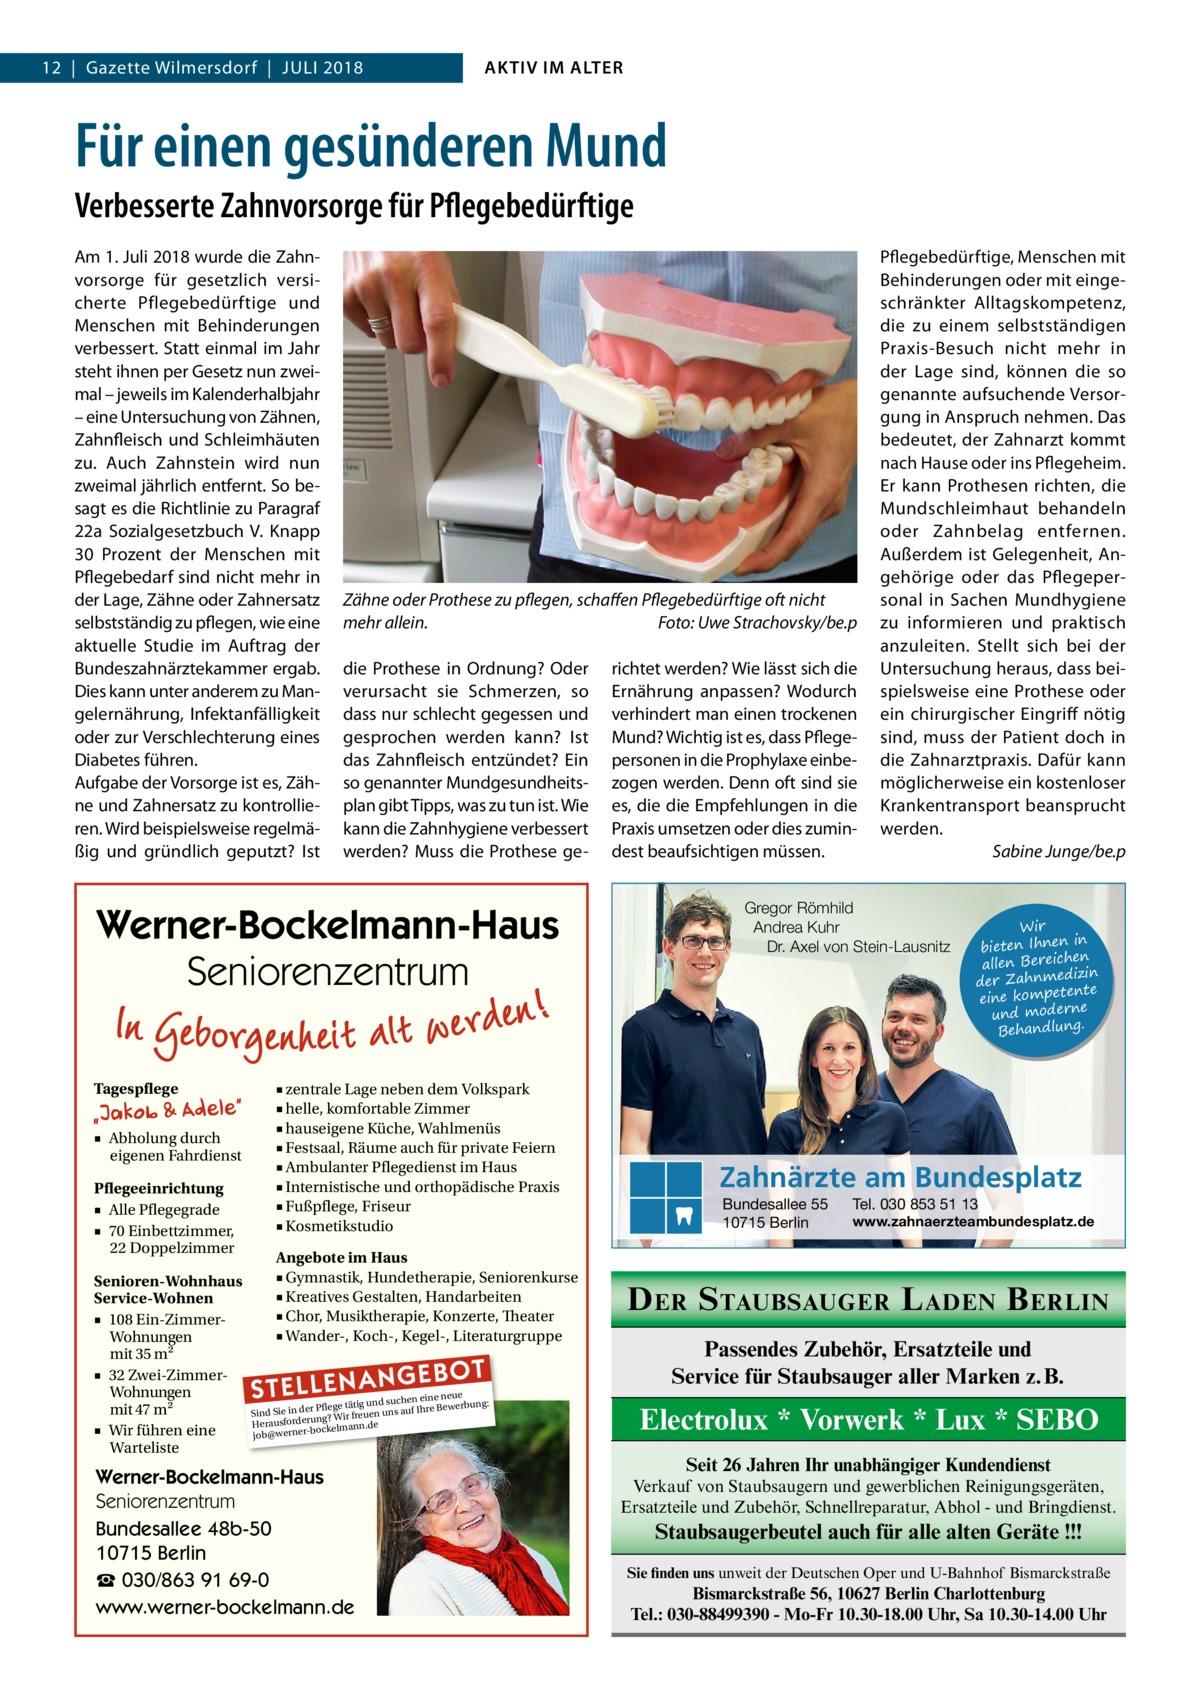 12|Gazette Wilmersdorf|Juli 2018  AKTIV IM ALTER  Für einen gesünderen Mund Verbesserte Zahnvorsorge für Pflegebedürftige Am 1.Juli 2018 wurde die Zahnvorsorge für gesetzlich versicherte Pflegebedürftige und Menschen mit Behinderungen verbessert. Statt einmal im Jahr steht ihnen per Gesetz nun zweimal – jeweils im Kalenderhalbjahr – eine Untersuchung von Zähnen, Zahnfleisch und Schleimhäuten zu. Auch Zahnstein wird nun zweimal jährlich entfernt. So besagt es die Richtlinie zu Paragraf 22a Sozialgesetzbuch V. Knapp 30 Prozent der Menschen mit Pflegebedarf sind nicht mehr in der Lage, Zähne oder Zahnersatz selbstständig zu pflegen, wie eine aktuelle Studie im Auftrag der Bundeszahnärztekammer ergab. Dies kann unter anderem zu Mangelernährung, Infektanfälligkeit oder zur Verschlechterung eines Diabetes führen. Aufgabe der Vorsorge ist es, Zähne und Zahnersatz zu kontrollieren. Wird beispielsweise regelmäßig und gründlich geputzt? Ist  Zähne oder Prothese zu pflegen, schaffen Pflegebedürftige oft nicht mehr allein. � Foto: Uwe Strachovsky/be.p die Prothese in Ordnung? Oder verursacht sie Schmerzen, so dass nur schlecht gegessen und gesprochen werden kann? Ist das Zahnfleisch entzündet? Ein so genannter Mundgesundheitsplan gibt Tipps, was zu tun ist. Wie kann die Zahnhygiene verbessert werden? Muss die Prothese ge Werner-Bockelmann-Haus Seniorenzentrum Tagespflege  ■ zentrale Lage neben dem Volkspark ■ helle, komfortable Zimmer ■ hauseigene Küche, Wahlmenüs ■ Festsaal, Räume auch für private Feiern ■ Ambulanter Pflegedienst im Haus ■ Internistische und orthopädische Praxis ■ Fußpflege, Friseur ■ Kosmetikstudio  ■ Abholung durch eigenen Fahrdienst Pflegeeinrichtung ■ Alle Pflegegrade ■ 70 Einbettzimmer, 22 Doppelzimmer Senioren-Wohnhaus Service-Wohnen ■ 108 Ein-ZimmerWohnungen mit 35 m2 ■ 32 Zwei-ZimmerWohnungen mit 47 m2 ■ Wir führen eine Warteliste  Angebote im Haus ■ Gymnastik, Hundetherapie, Seniorenkurse ■ Kreatives Gestalten, Handarbeiten ■ Chor, Musiktherapie, Konz